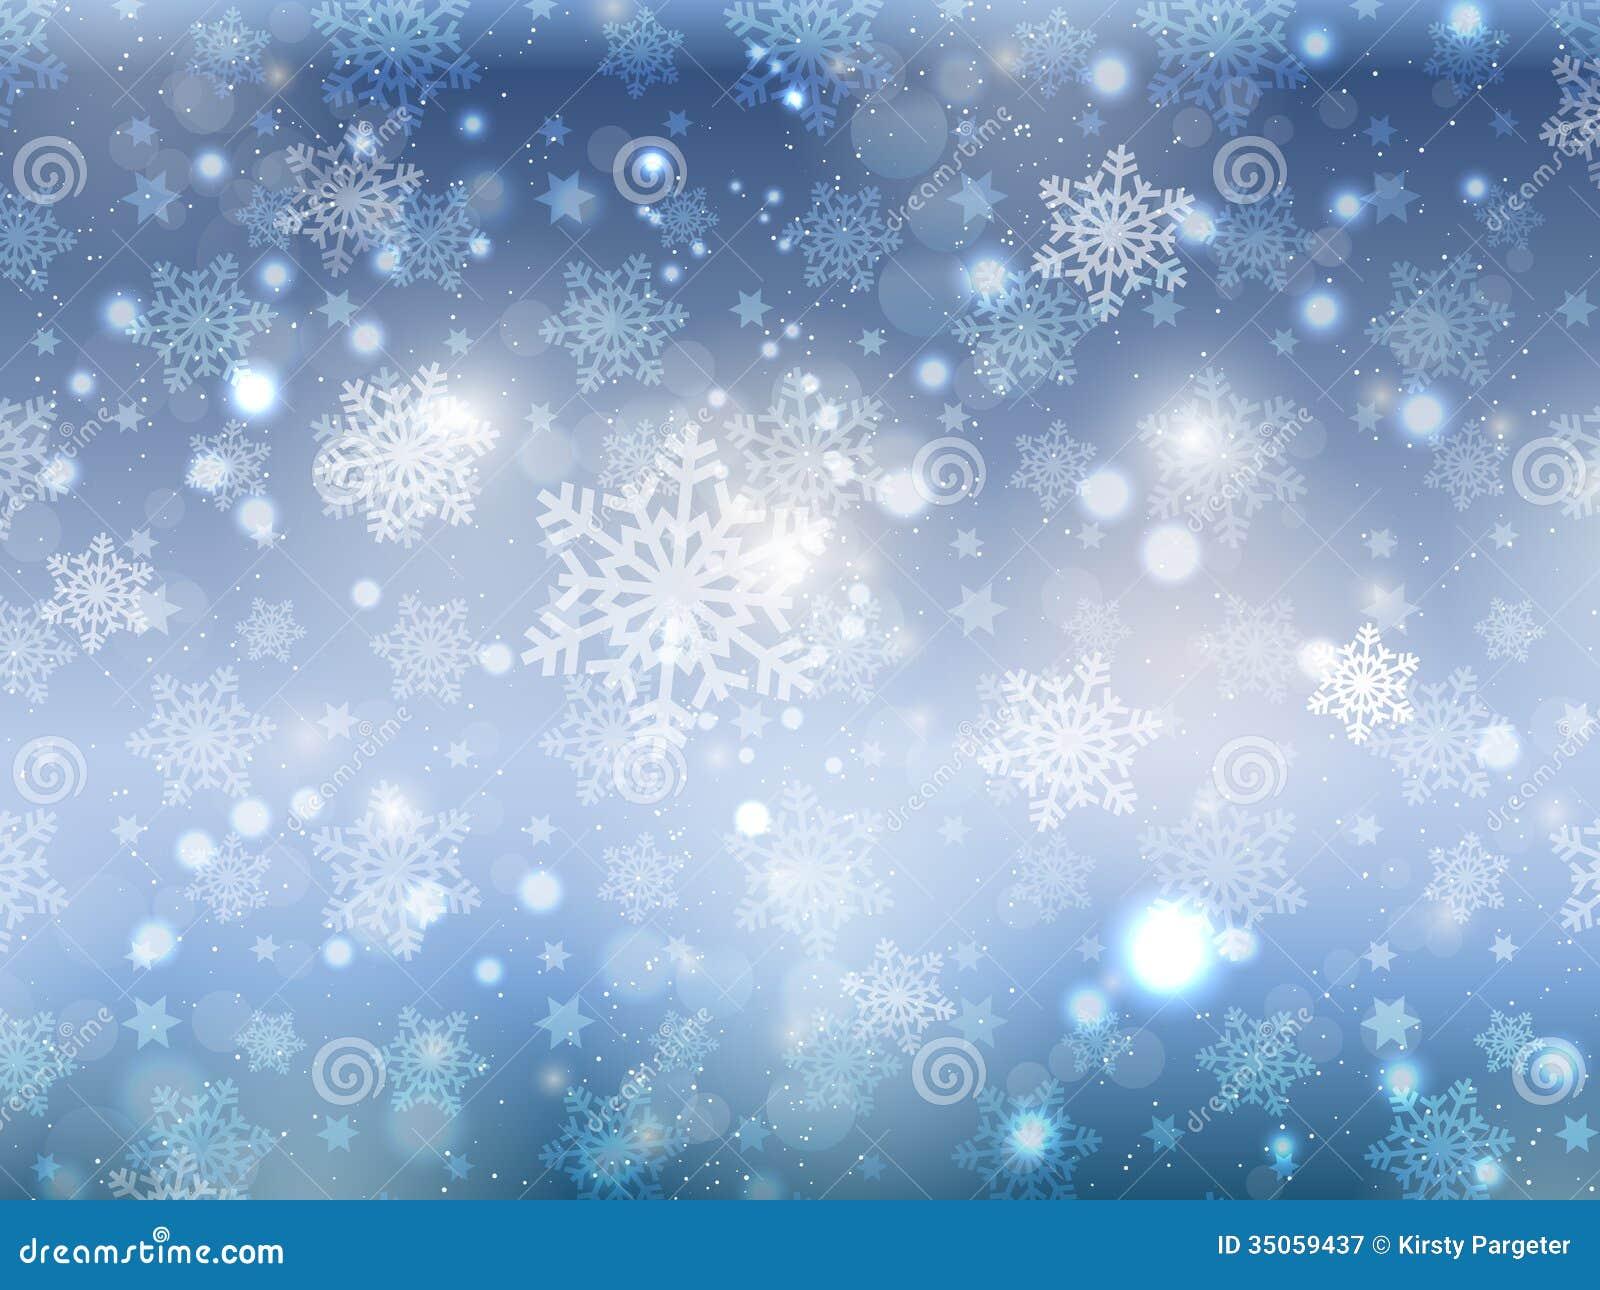 Image Gallery Neige Noel